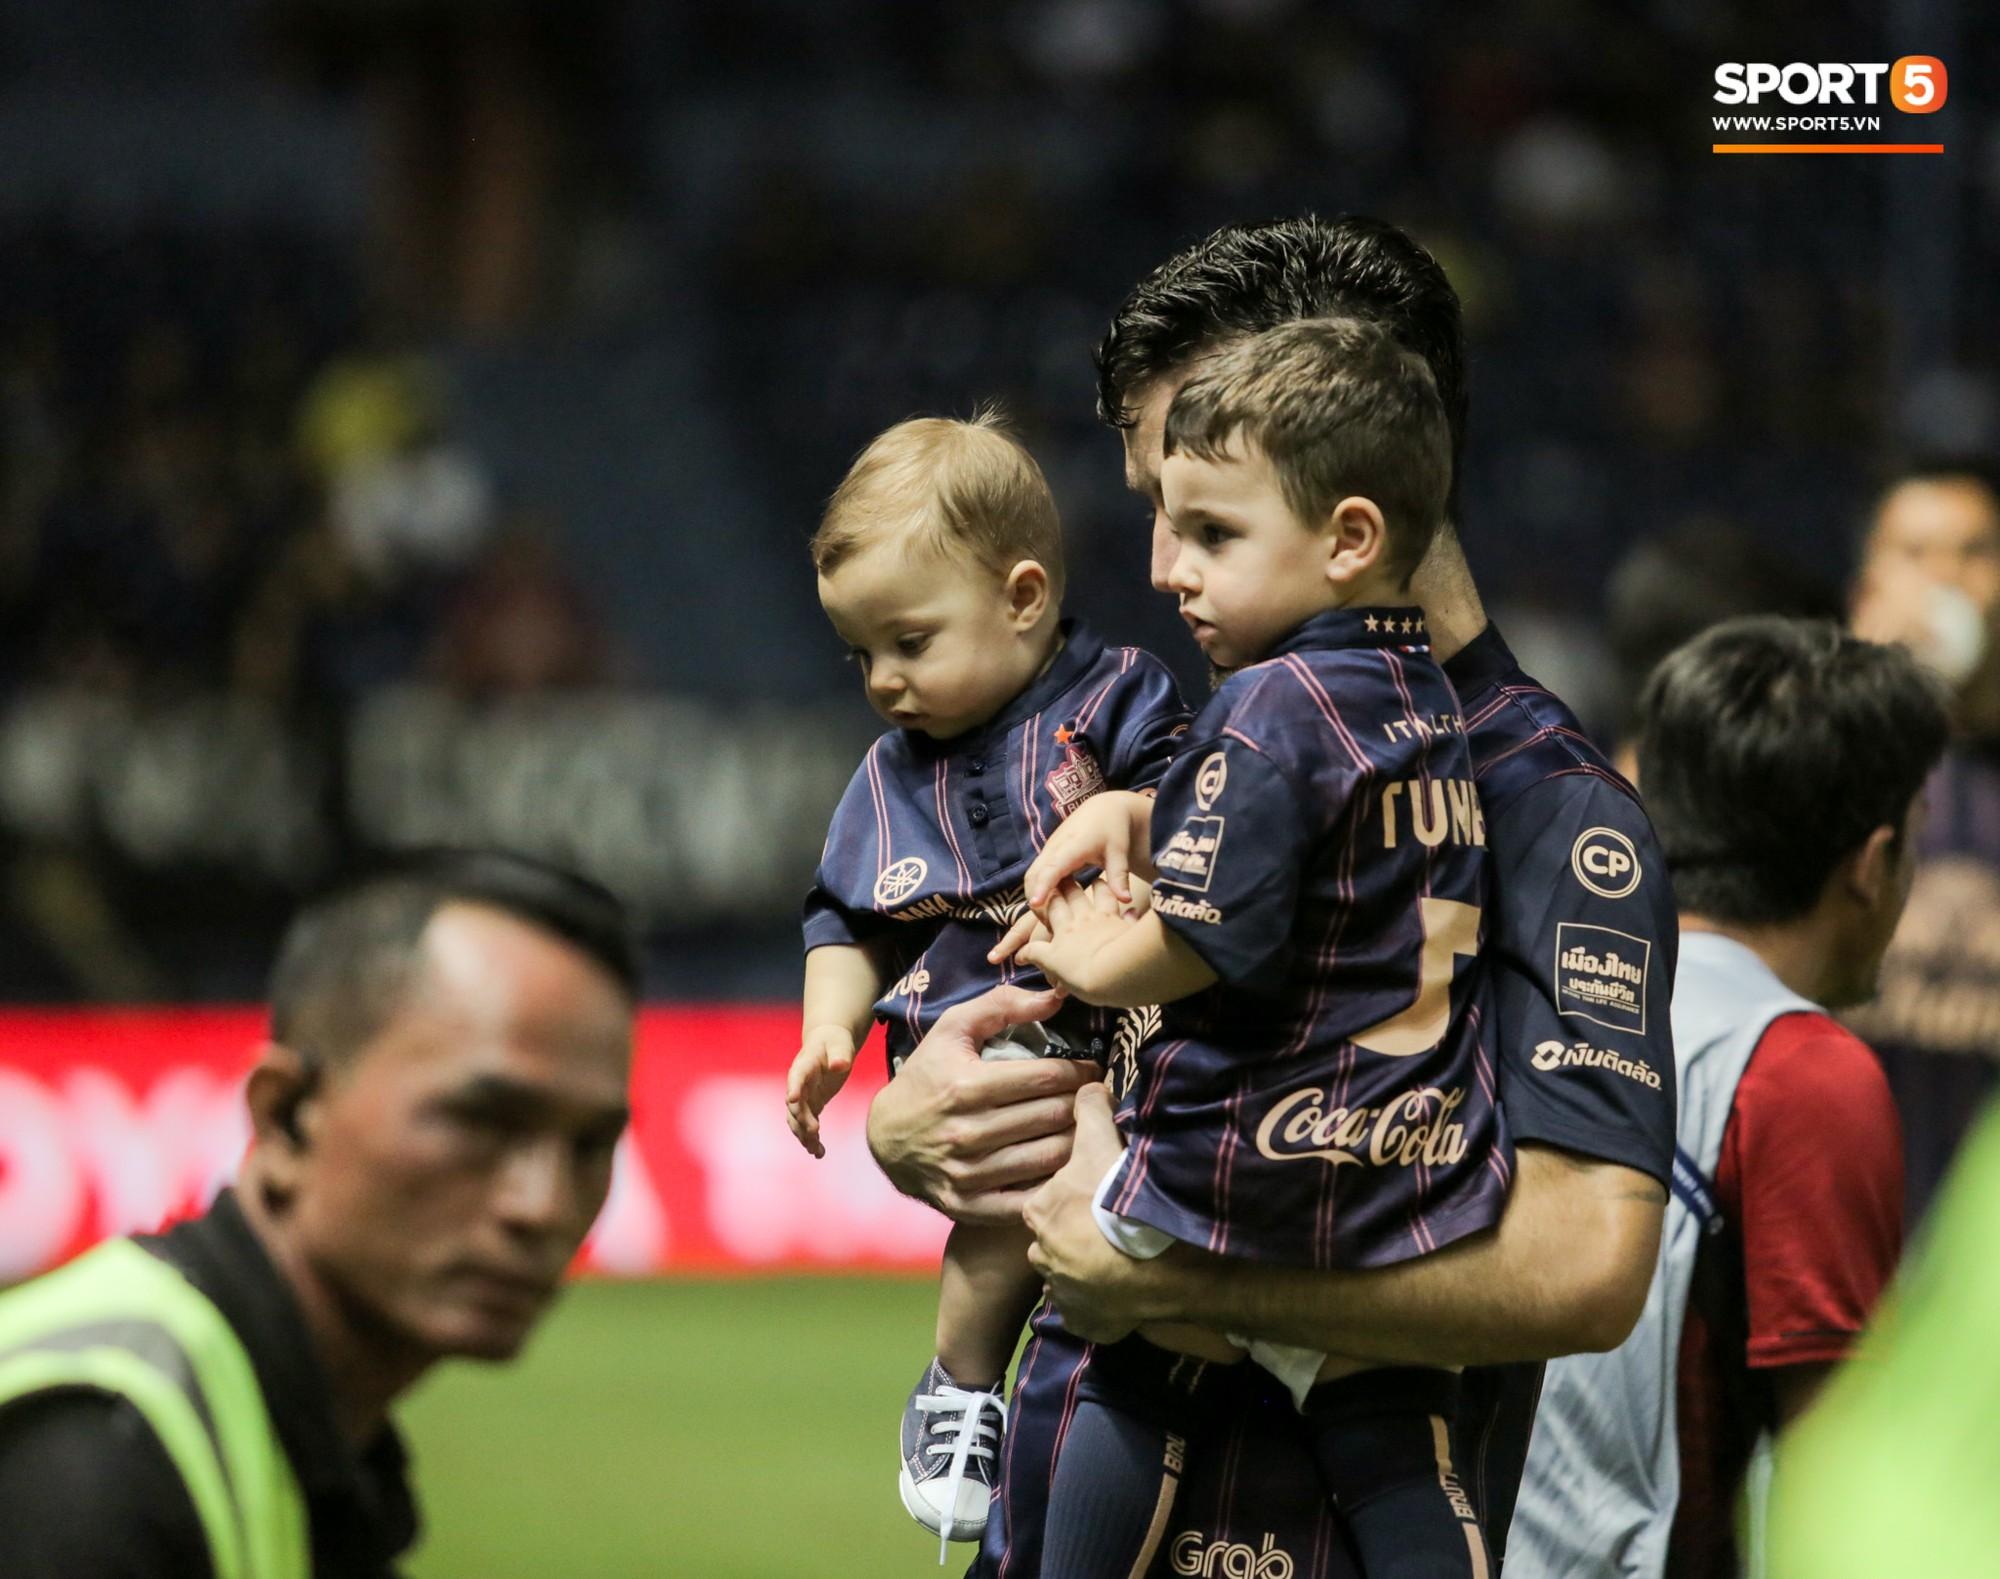 Bạn thân Xuân Trường điển trai, để lại hình ảnh ấm áp về tình phụ tử trước trận derby bóng đá Thái - Ảnh 4.